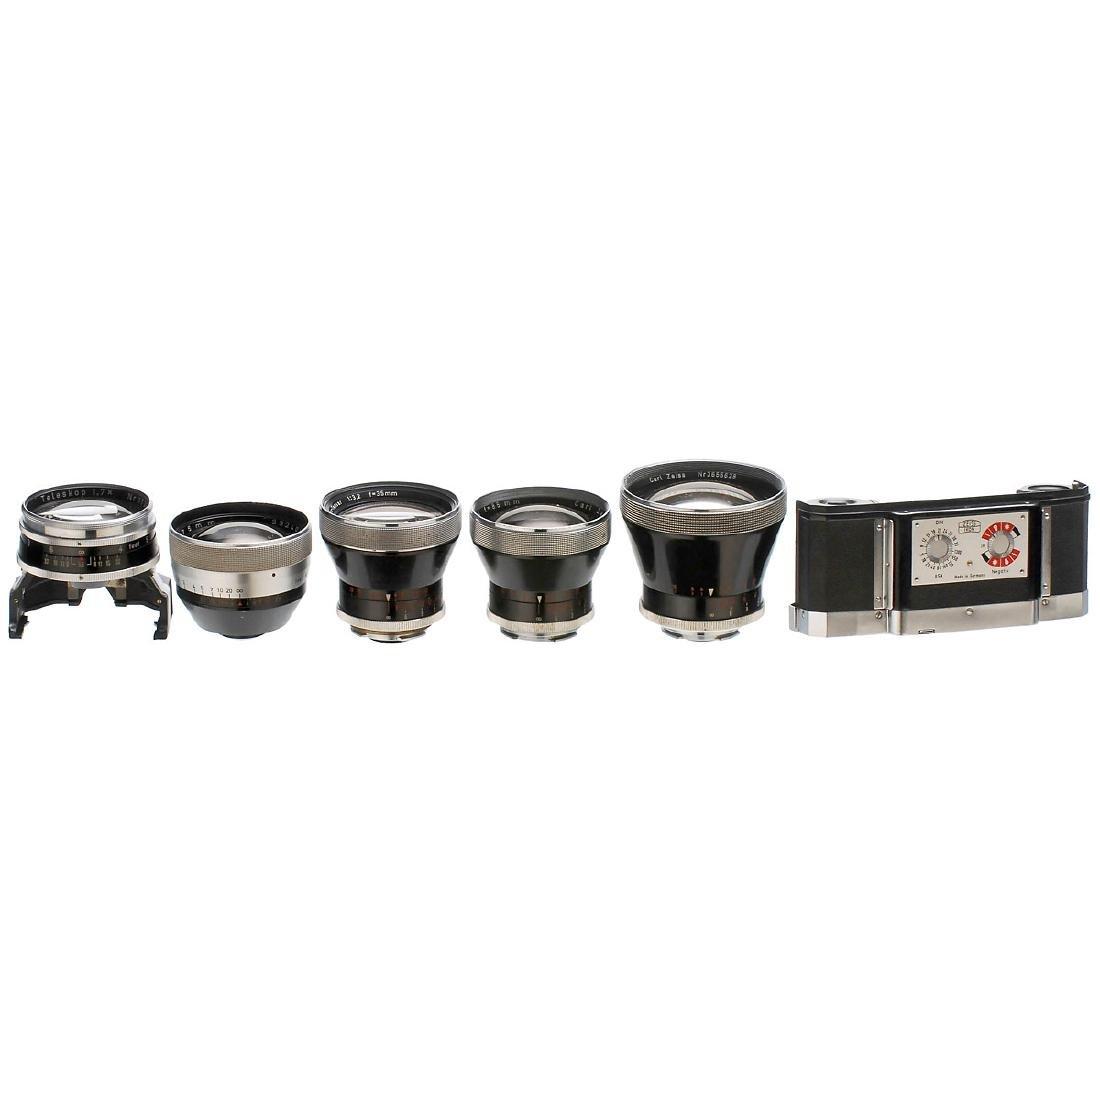 5 Zeiss Lenses